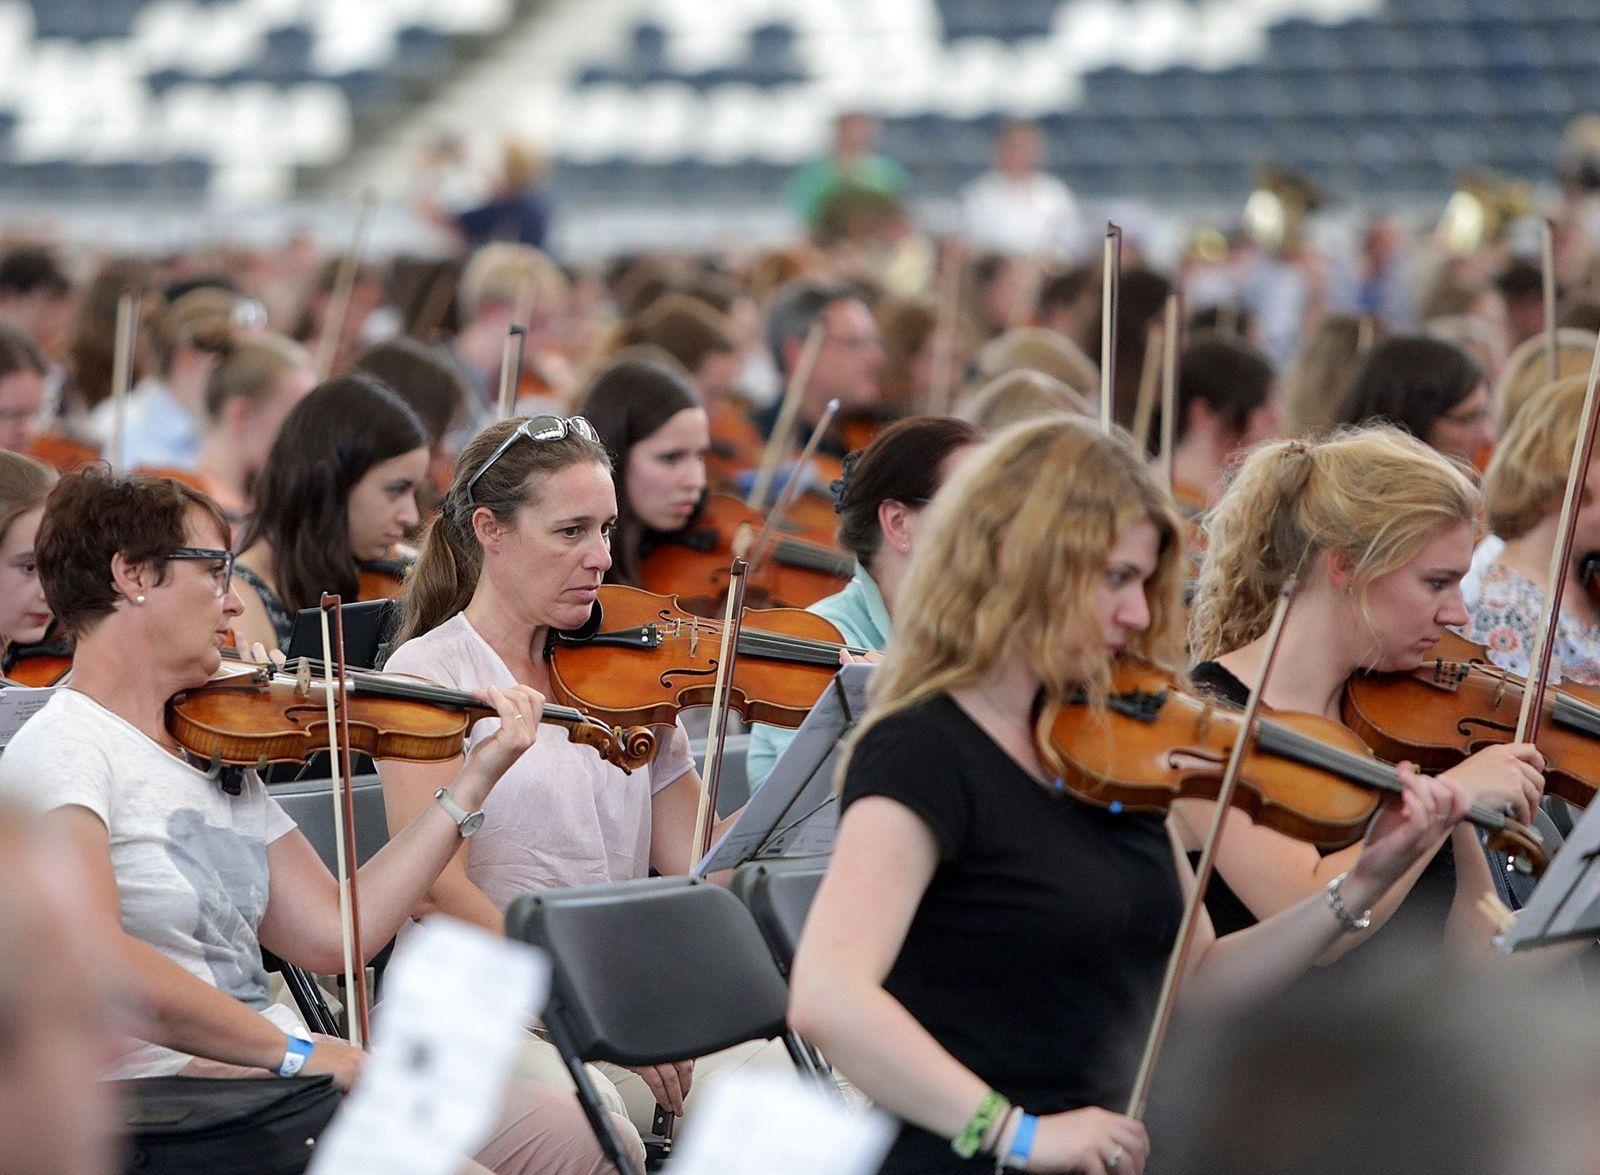 Riesen-Orchester probt für den Weltrekord